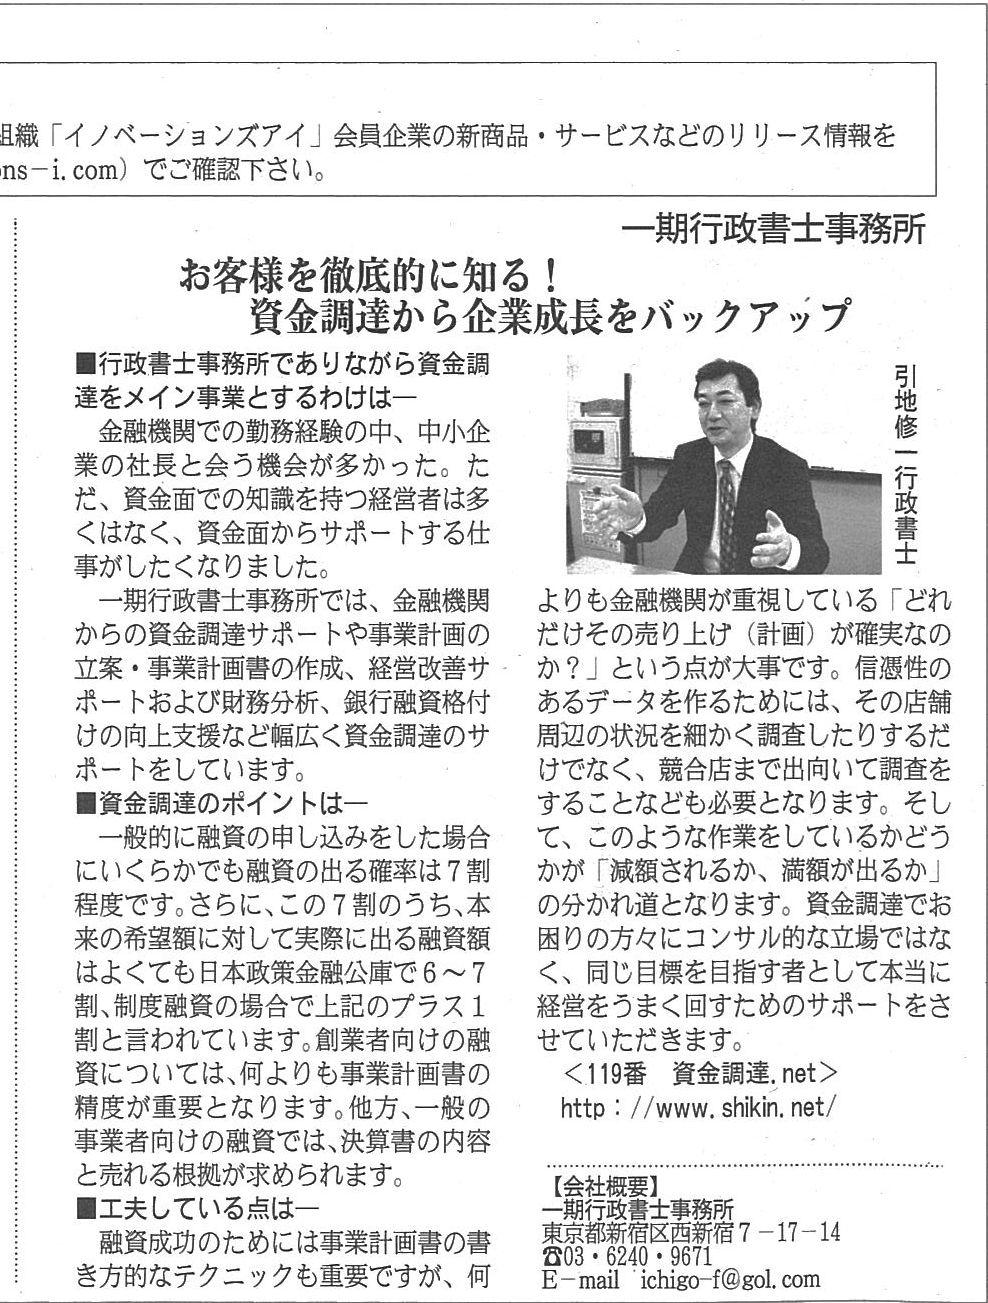 サンケイビジネスアイ新聞記事